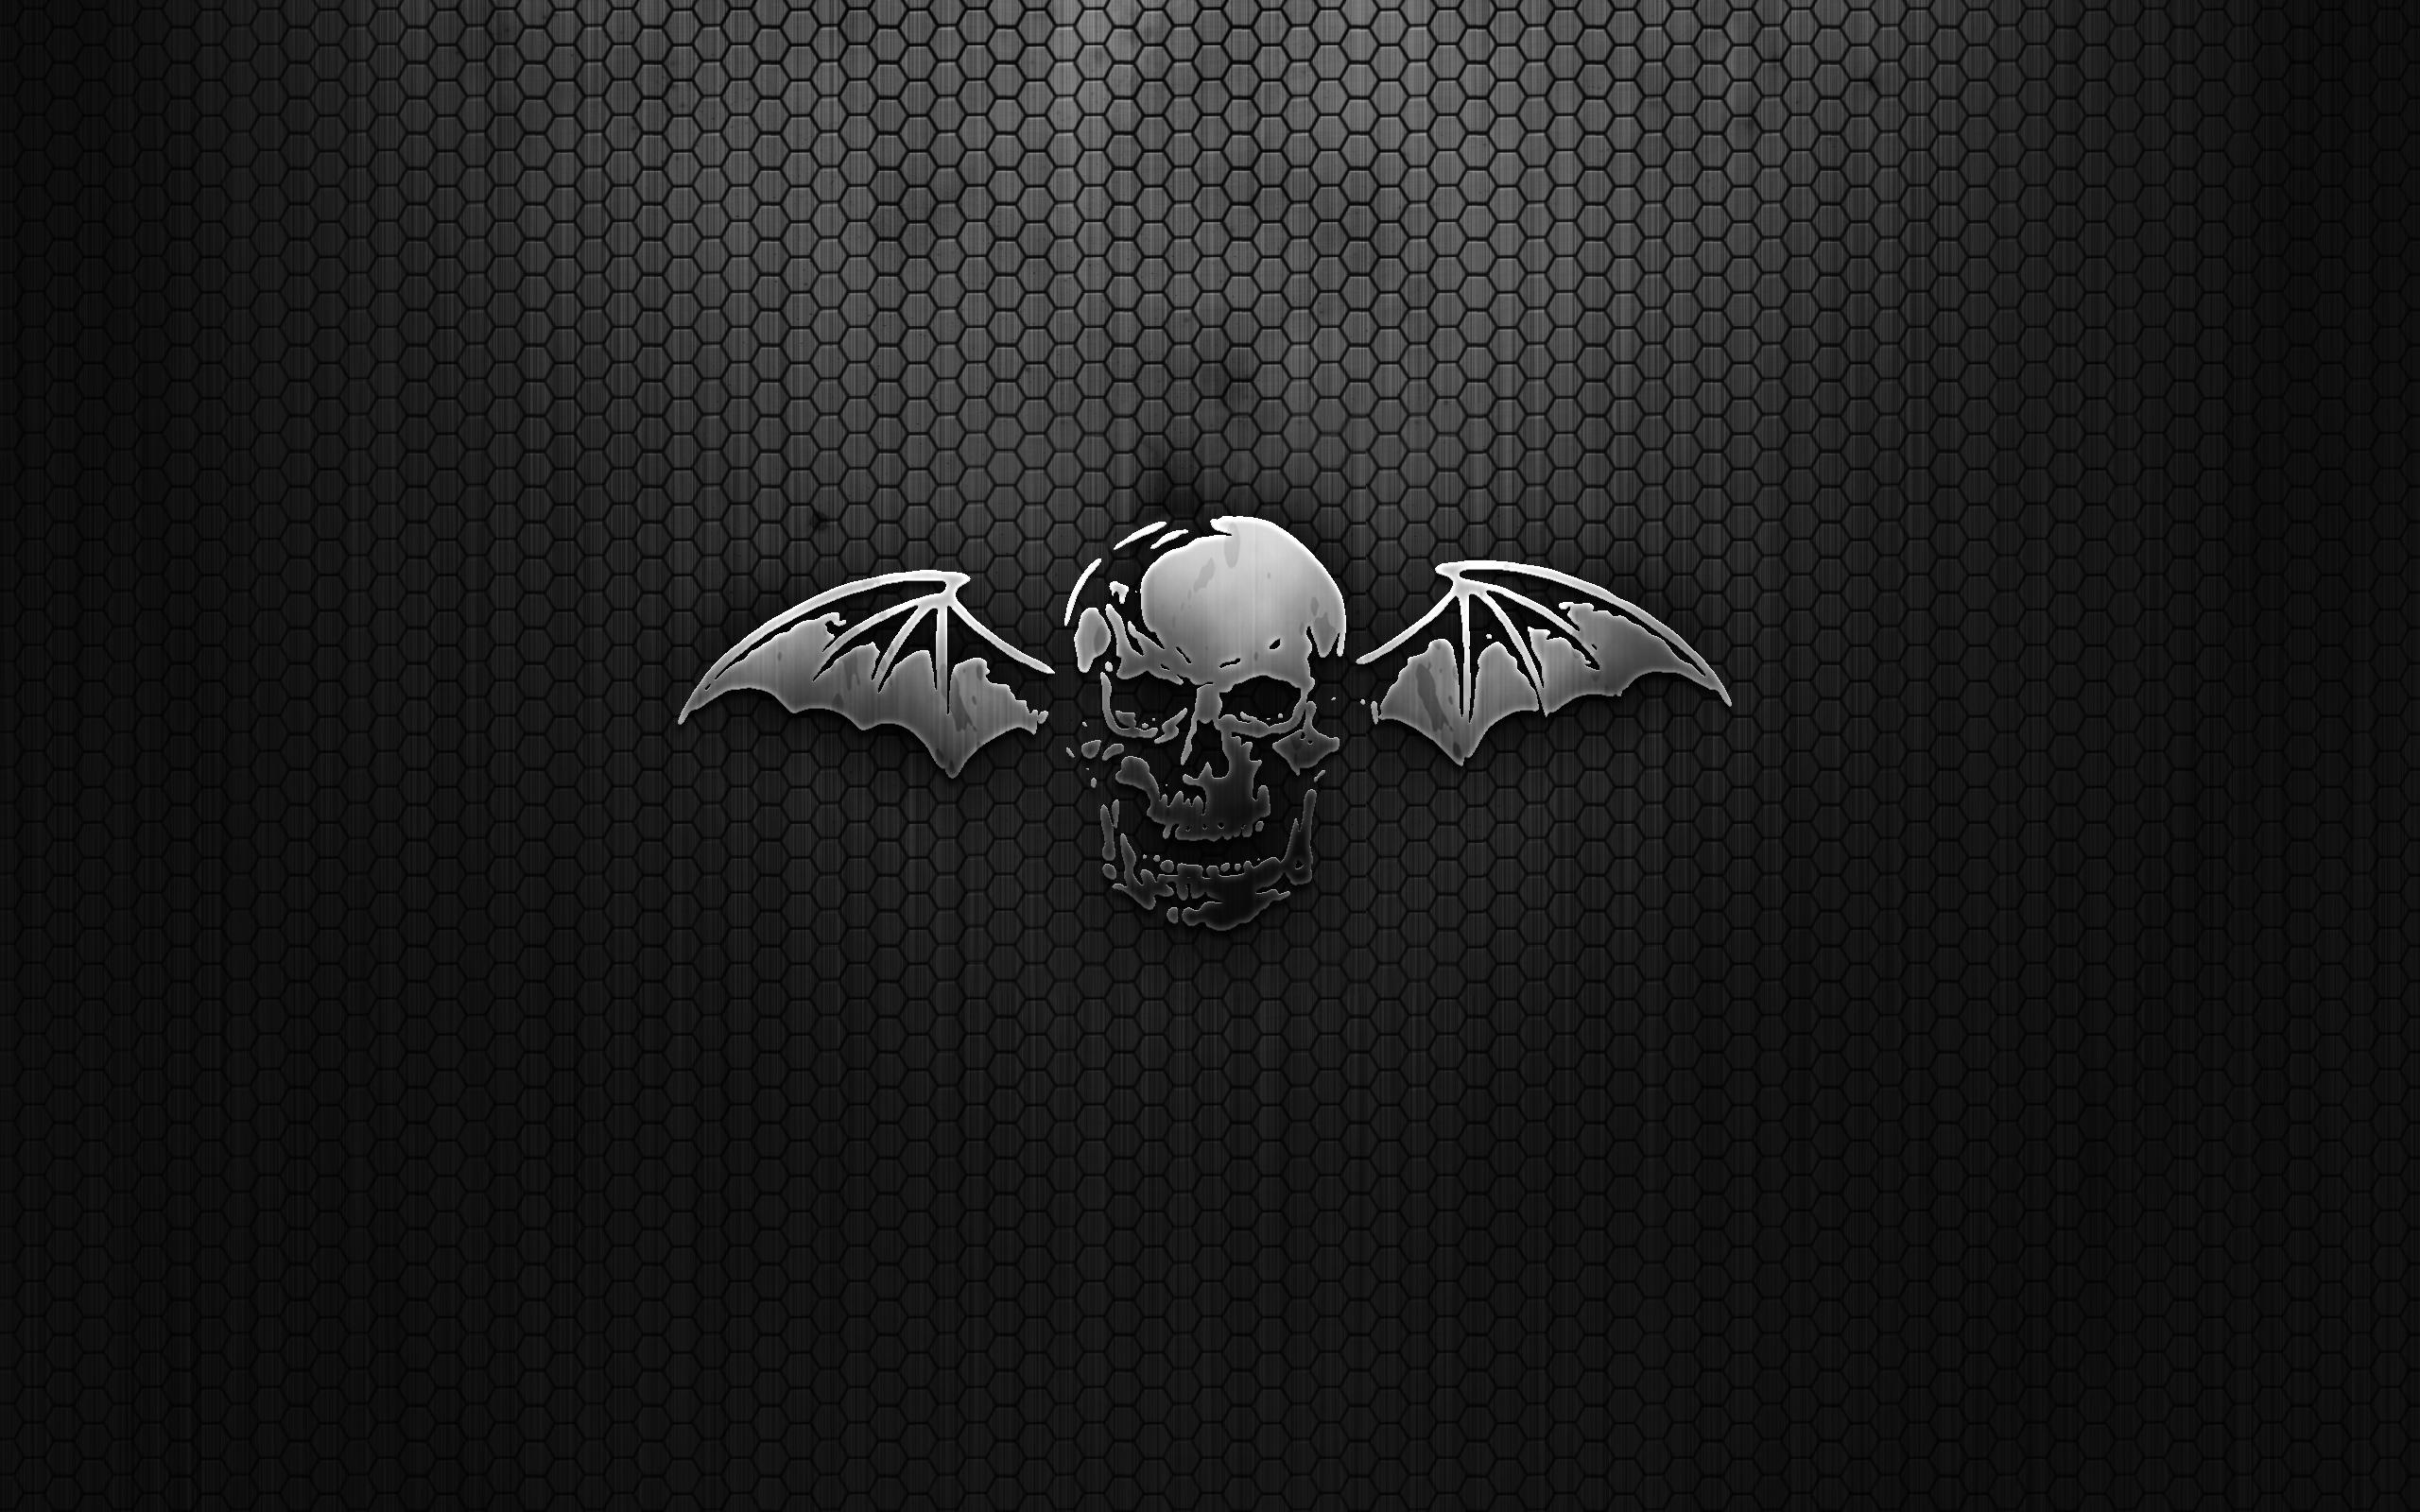 Mbanjur Blog Avenged Sevenfold Wallpaper 2560x1600